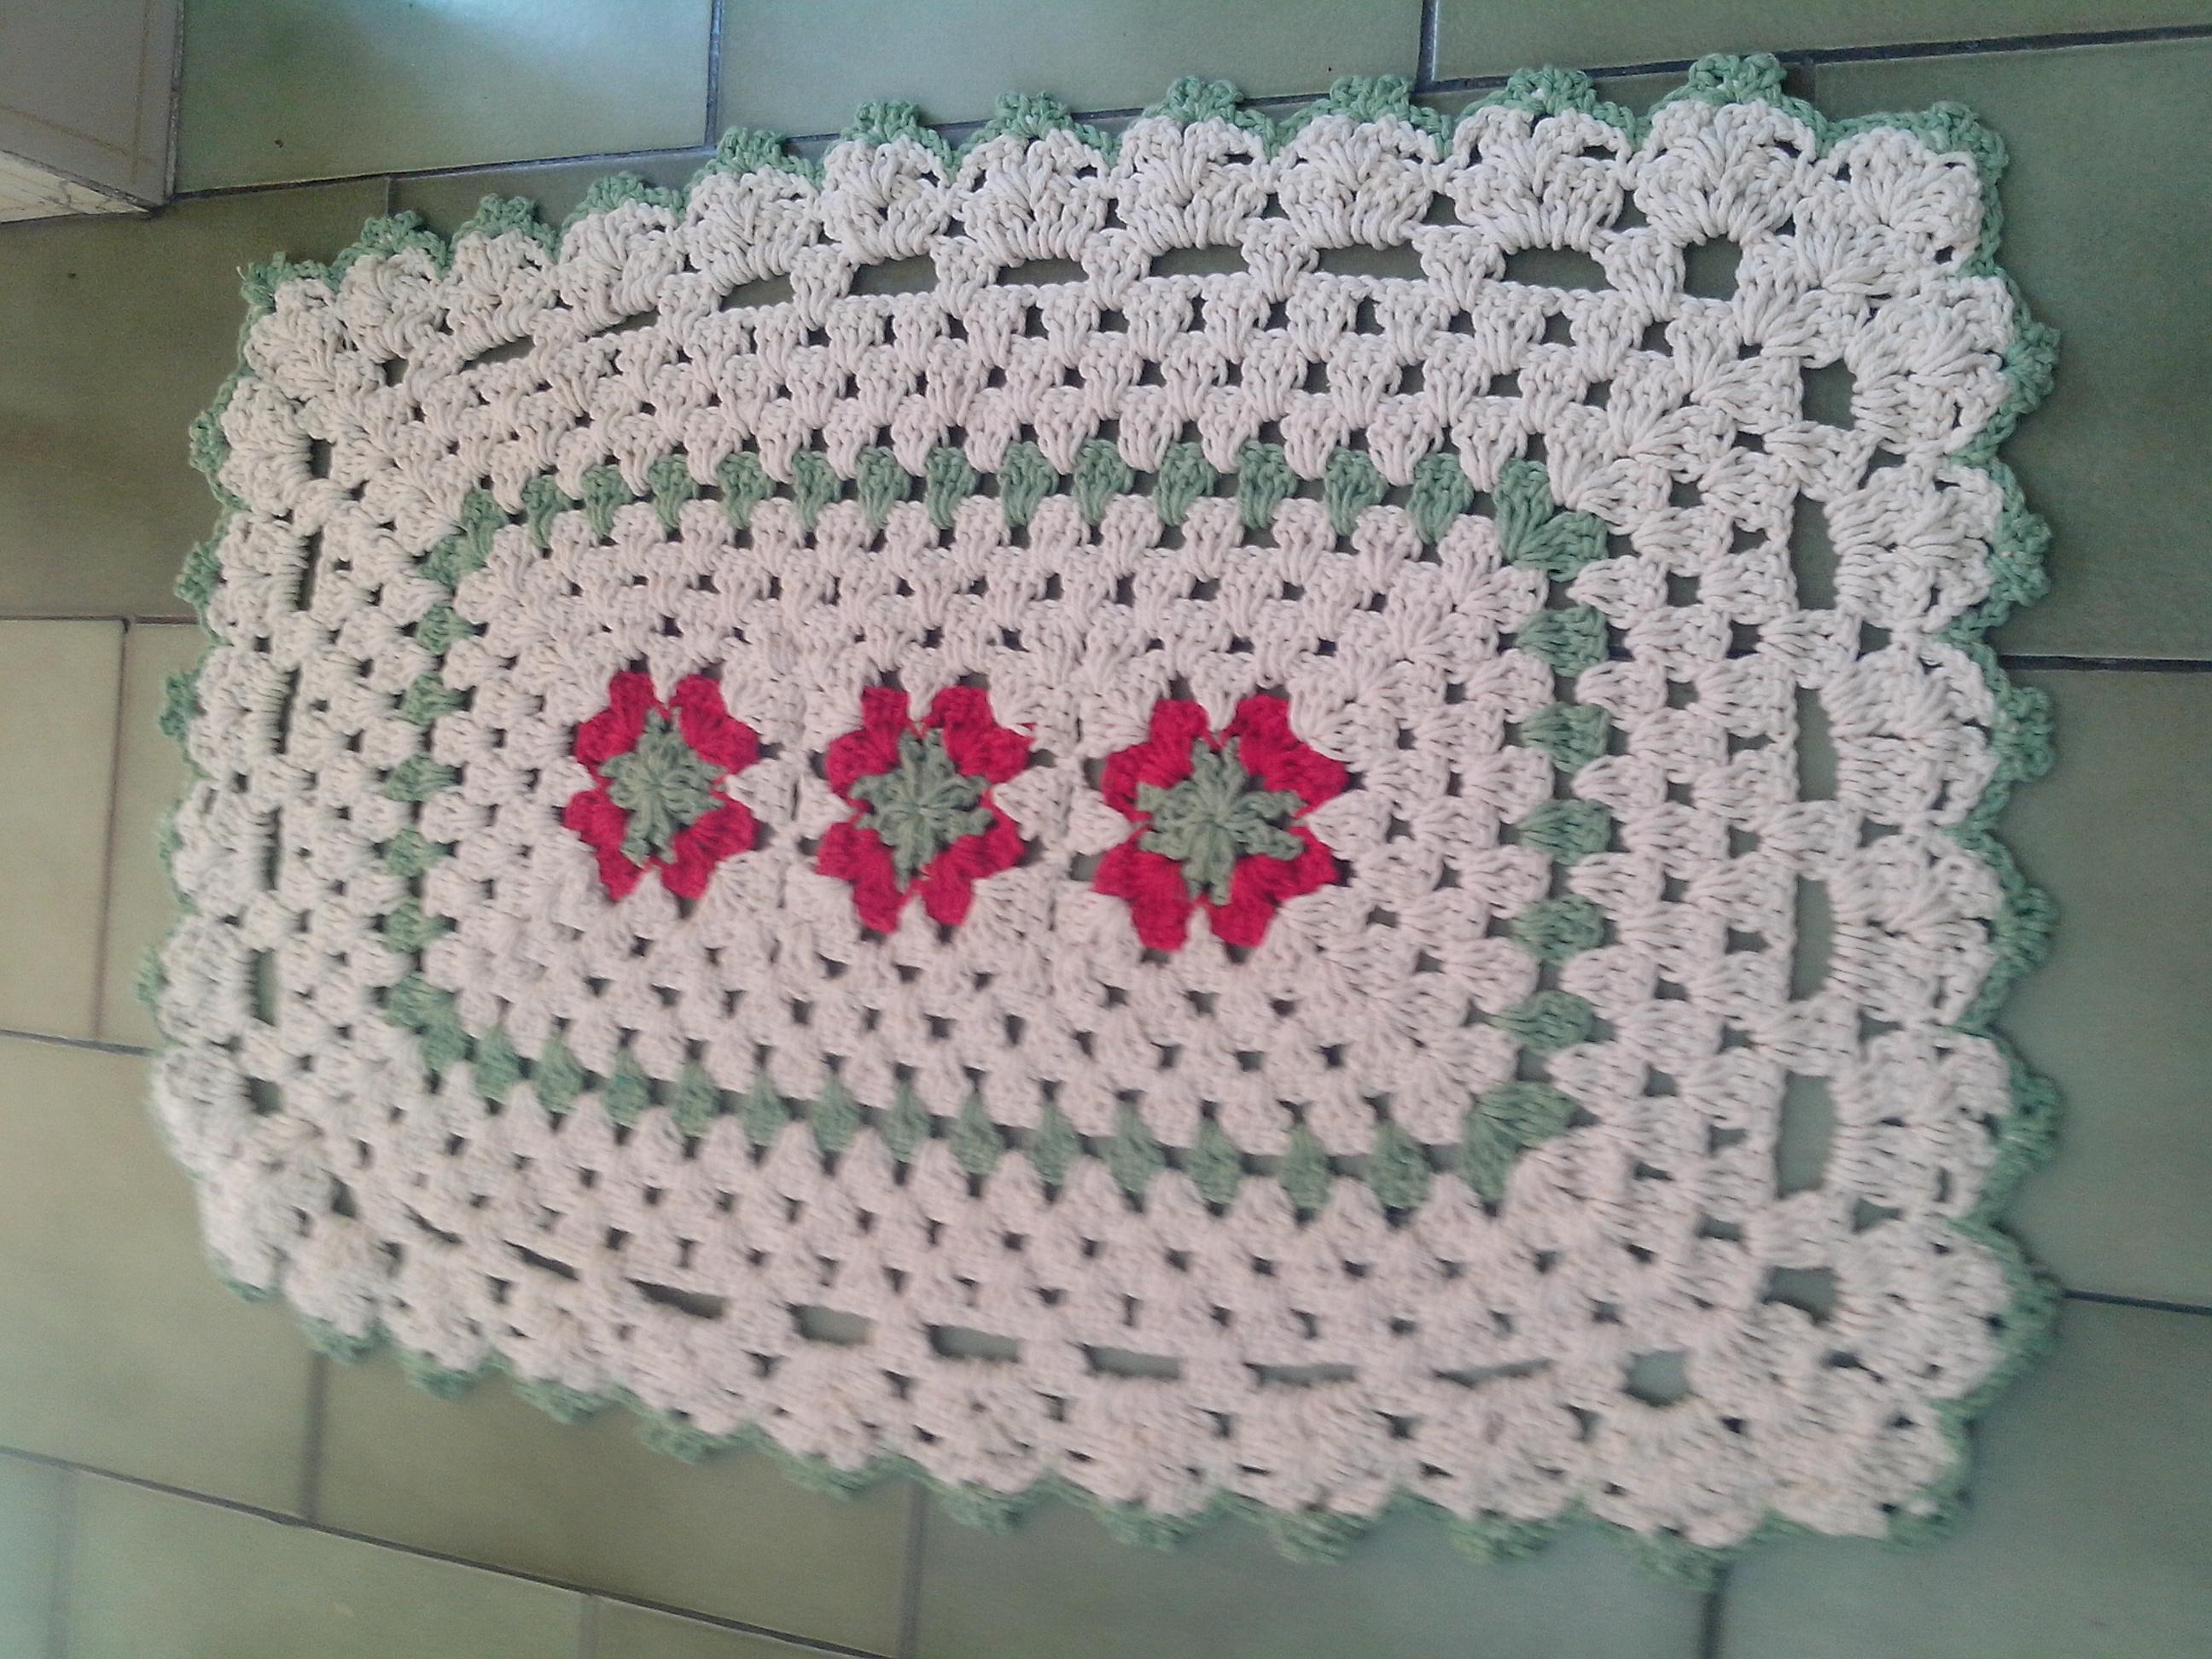 tapetes de crochê com flores retangular